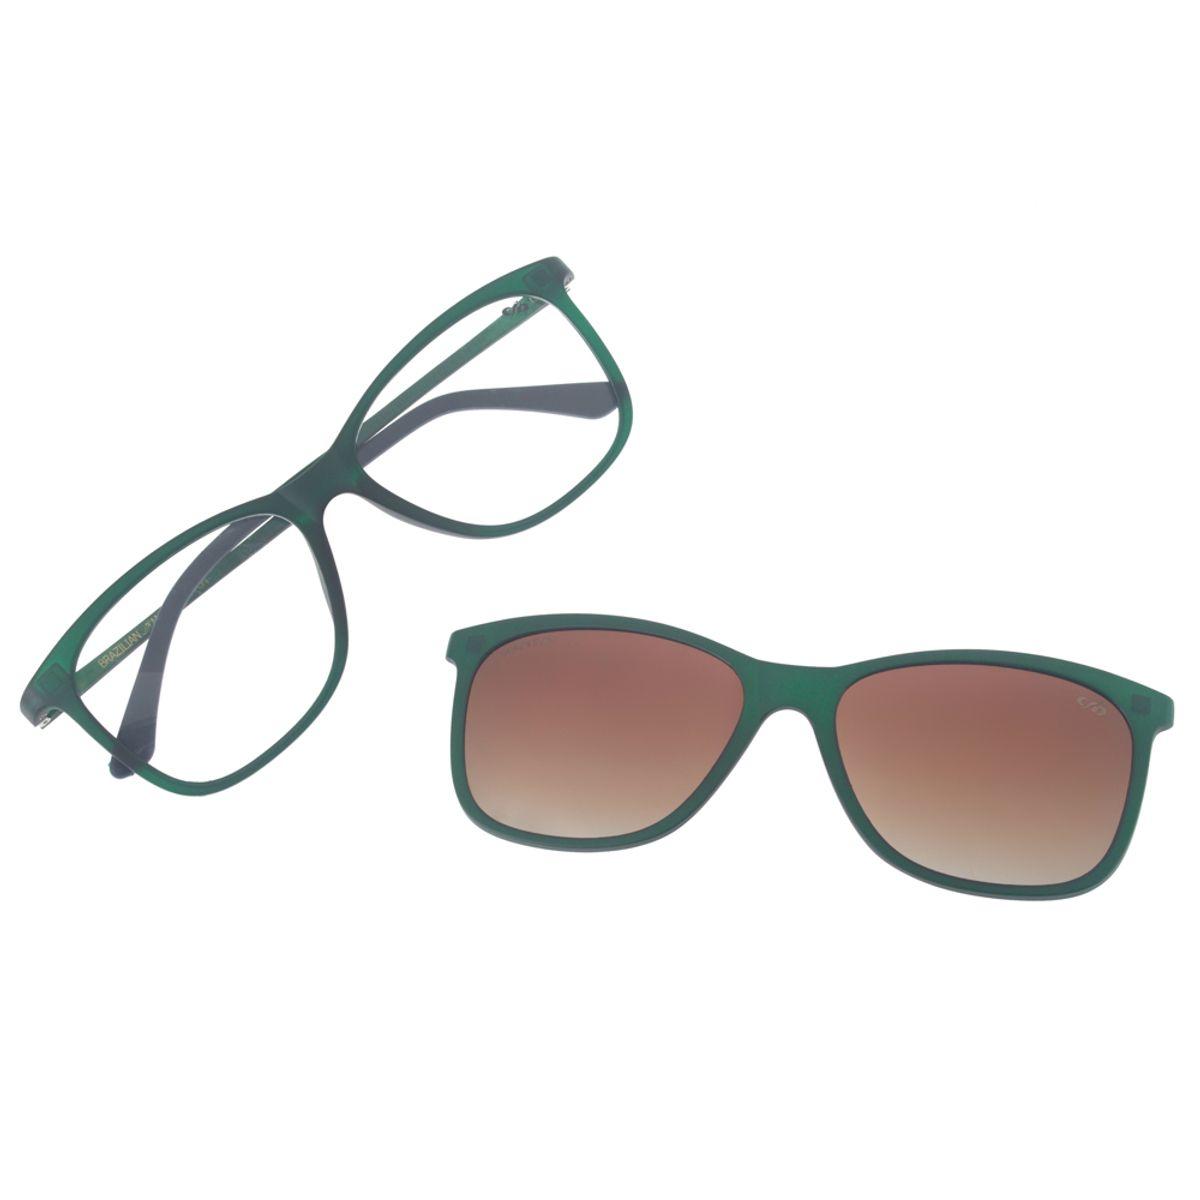 cb703f76a Armação para Óculos de Grau Chilli Beans Multi Clip On Feminino Azul 0165 -  LV.MU.0165.2090 M. REF: LV.MU.0165.2090. Previous